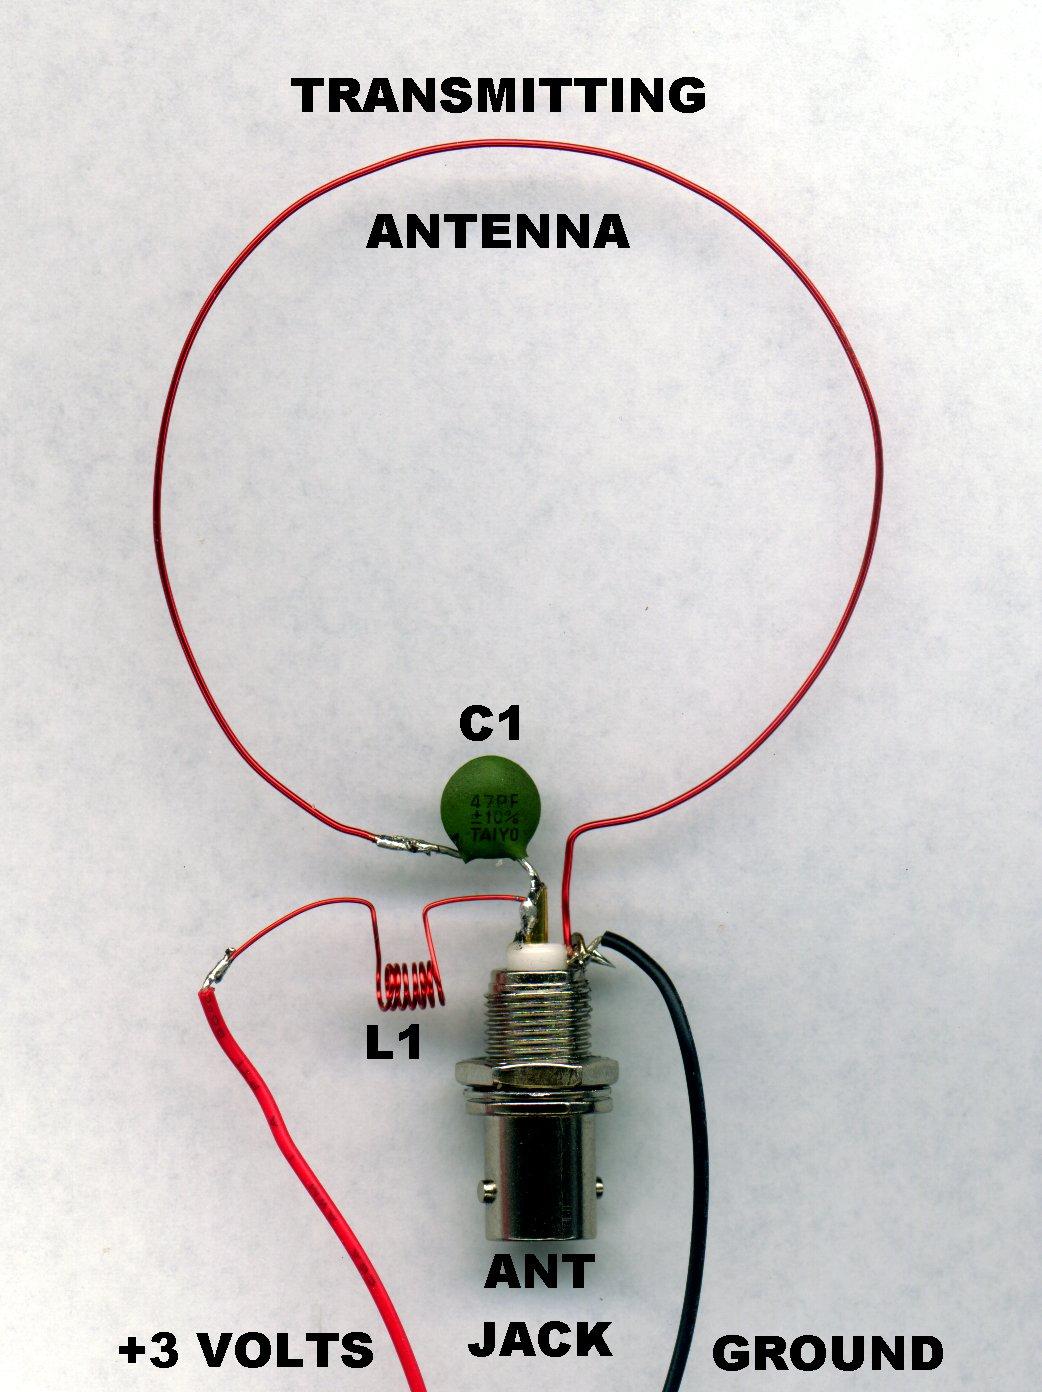 reradiating antenna